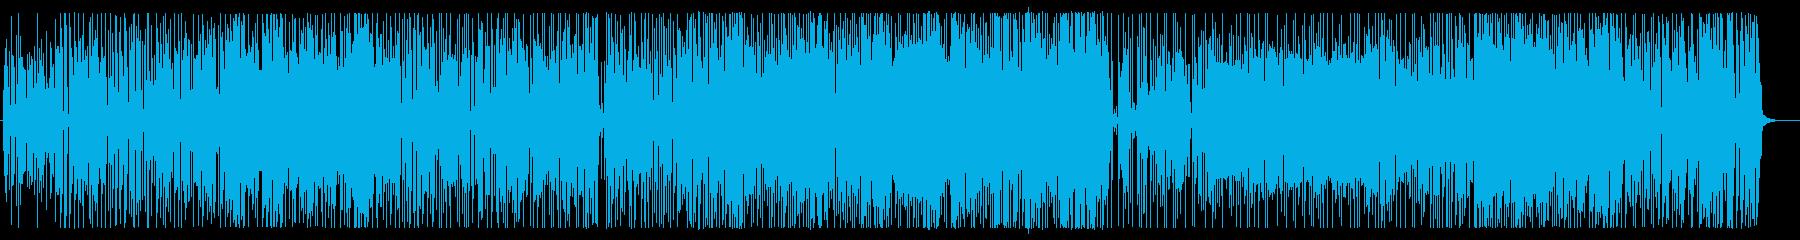 全て生楽器!いなたいBrass Funkの再生済みの波形